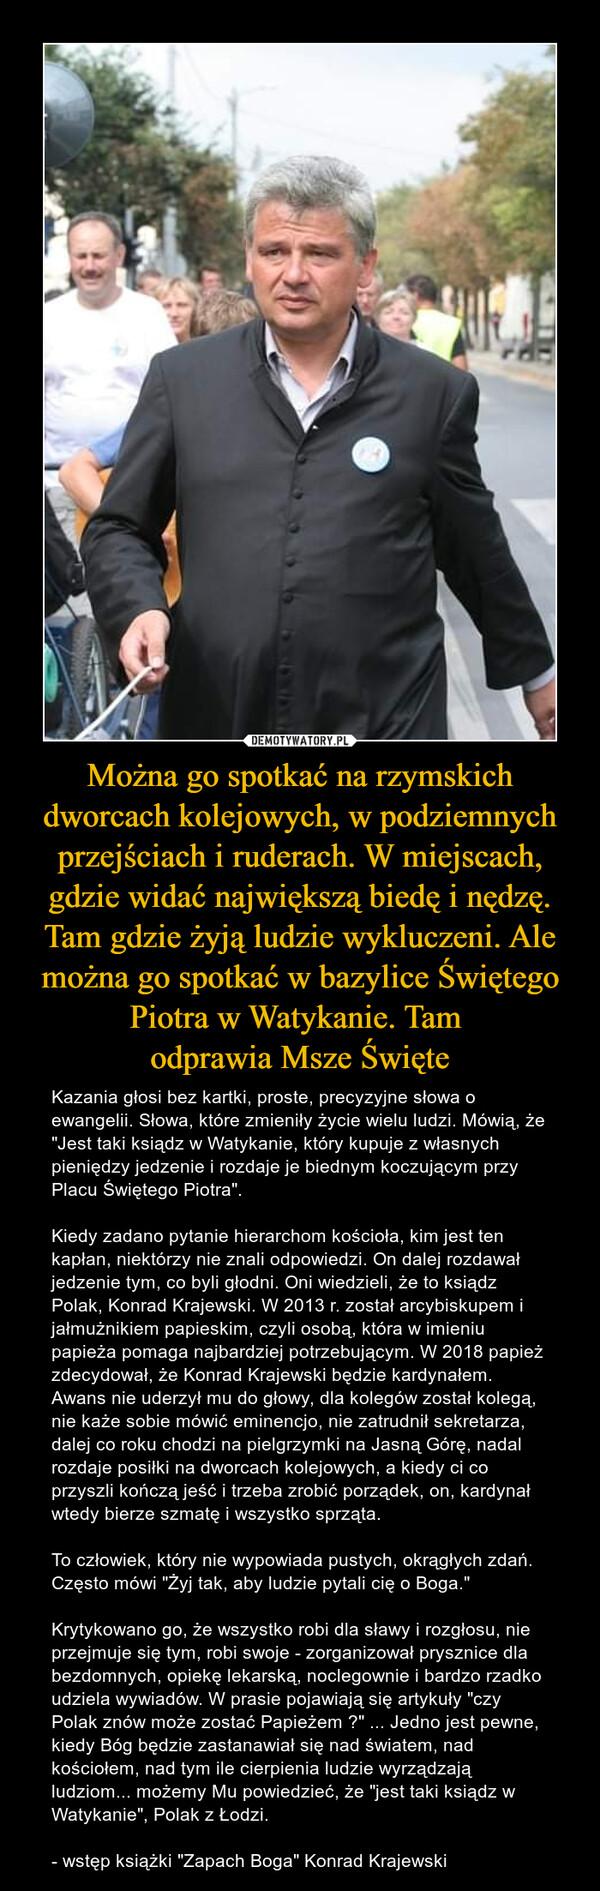 """Można go spotkać na rzymskich dworcach kolejowych, w podziemnych przejściach i ruderach. W miejscach, gdzie widać największą biedę i nędzę. Tam gdzie żyją ludzie wykluczeni. Ale można go spotkać w bazylice Świętego Piotra w Watykanie. Tam odprawia Msze Święte – Kazania głosi bez kartki, proste, precyzyjne słowa o ewangelii. Słowa, które zmieniły życie wielu ludzi. Mówią, że """"Jest taki ksiądz w Watykanie, który kupuje z własnych pieniędzy jedzenie i rozdaje je biednym koczującym przy Placu Świętego Piotra"""".Kiedy zadano pytanie hierarchom kościoła, kim jest ten kapłan, niektórzy nie znali odpowiedzi. On dalej rozdawał jedzenie tym, co byli głodni. Oni wiedzieli, że to ksiądz Polak, Konrad Krajewski. W 2013 r. został arcybiskupem i jałmużnikiem papieskim, czyli osobą, która w imieniu papieża pomaga najbardziej potrzebującym. W 2018 papież zdecydował, że Konrad Krajewski będzie kardynałem. Awans nie uderzył mu do głowy, dla kolegów został kolegą, nie każe sobie mówić eminencjo, nie zatrudnił sekretarza, dalej co roku chodzi na pielgrzymki na Jasną Górę, nadal rozdaje posiłki na dworcach kolejowych, a kiedy ci co przyszli kończą jeść i trzeba zrobić porządek, on, kardynał wtedy bierze szmatę i wszystko sprząta.To człowiek, który nie wypowiada pustych, okrągłych zdań. Często mówi """"Żyj tak, aby ludzie pytali cię o Boga.""""Krytykowano go, że wszystko robi dla sławy i rozgłosu, nie przejmuje się tym, robi swoje - zorganizował prysznice dla bezdomnych, opiekę lekarską, noclegownie i bardzo rzadko udziela wywiadów. W prasie pojawiają się artykuły """"czy Polak znów może zostać Papieżem ?"""" ... Jedno jest pewne, kiedy Bóg będzie zastanawiał się nad światem, nad kościołem, nad tym ile cierpienia ludzie wyrządzają ludziom... możemy Mu powiedzieć, że """"jest taki ksiądz w Watykanie"""", Polak z Łodzi.- wstęp książki """"Zapach Boga"""" Konrad Krajewski"""